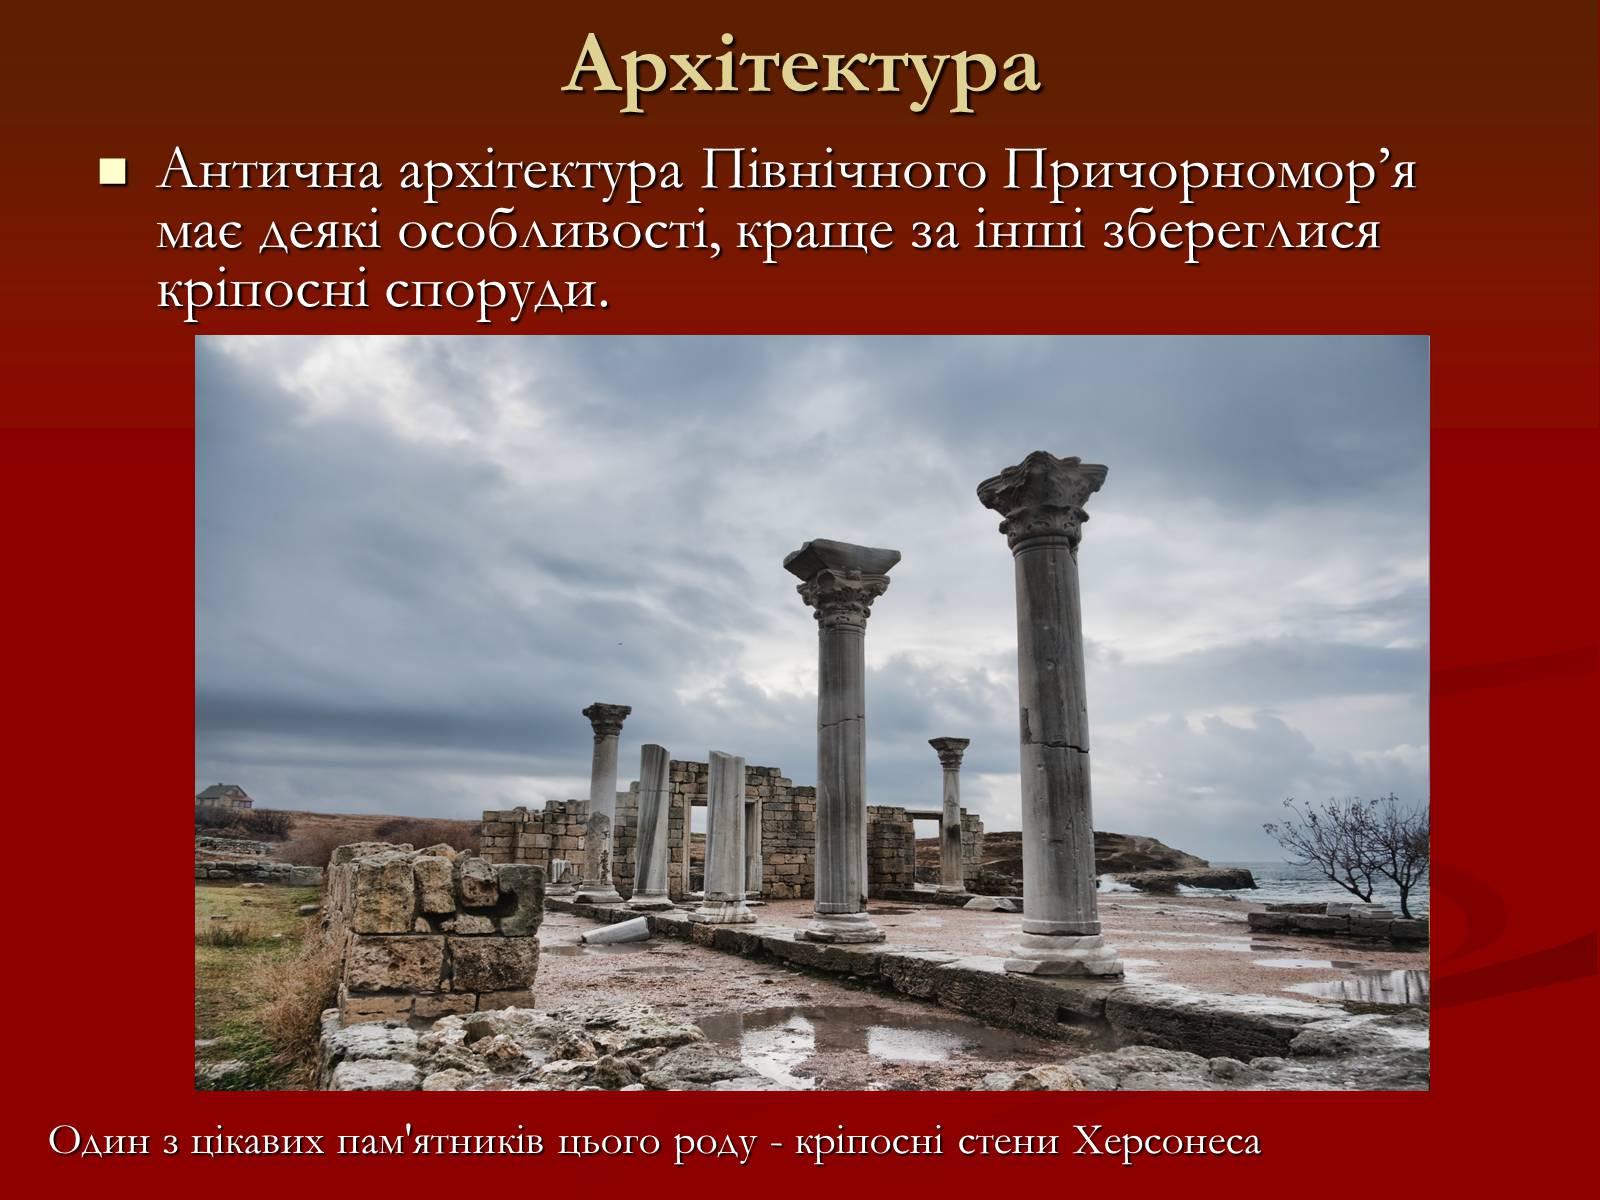 Презентація на тему «Мистецтво грецьких міст північного причорномор я» -  Слайд  3 9c6b68dfd5060